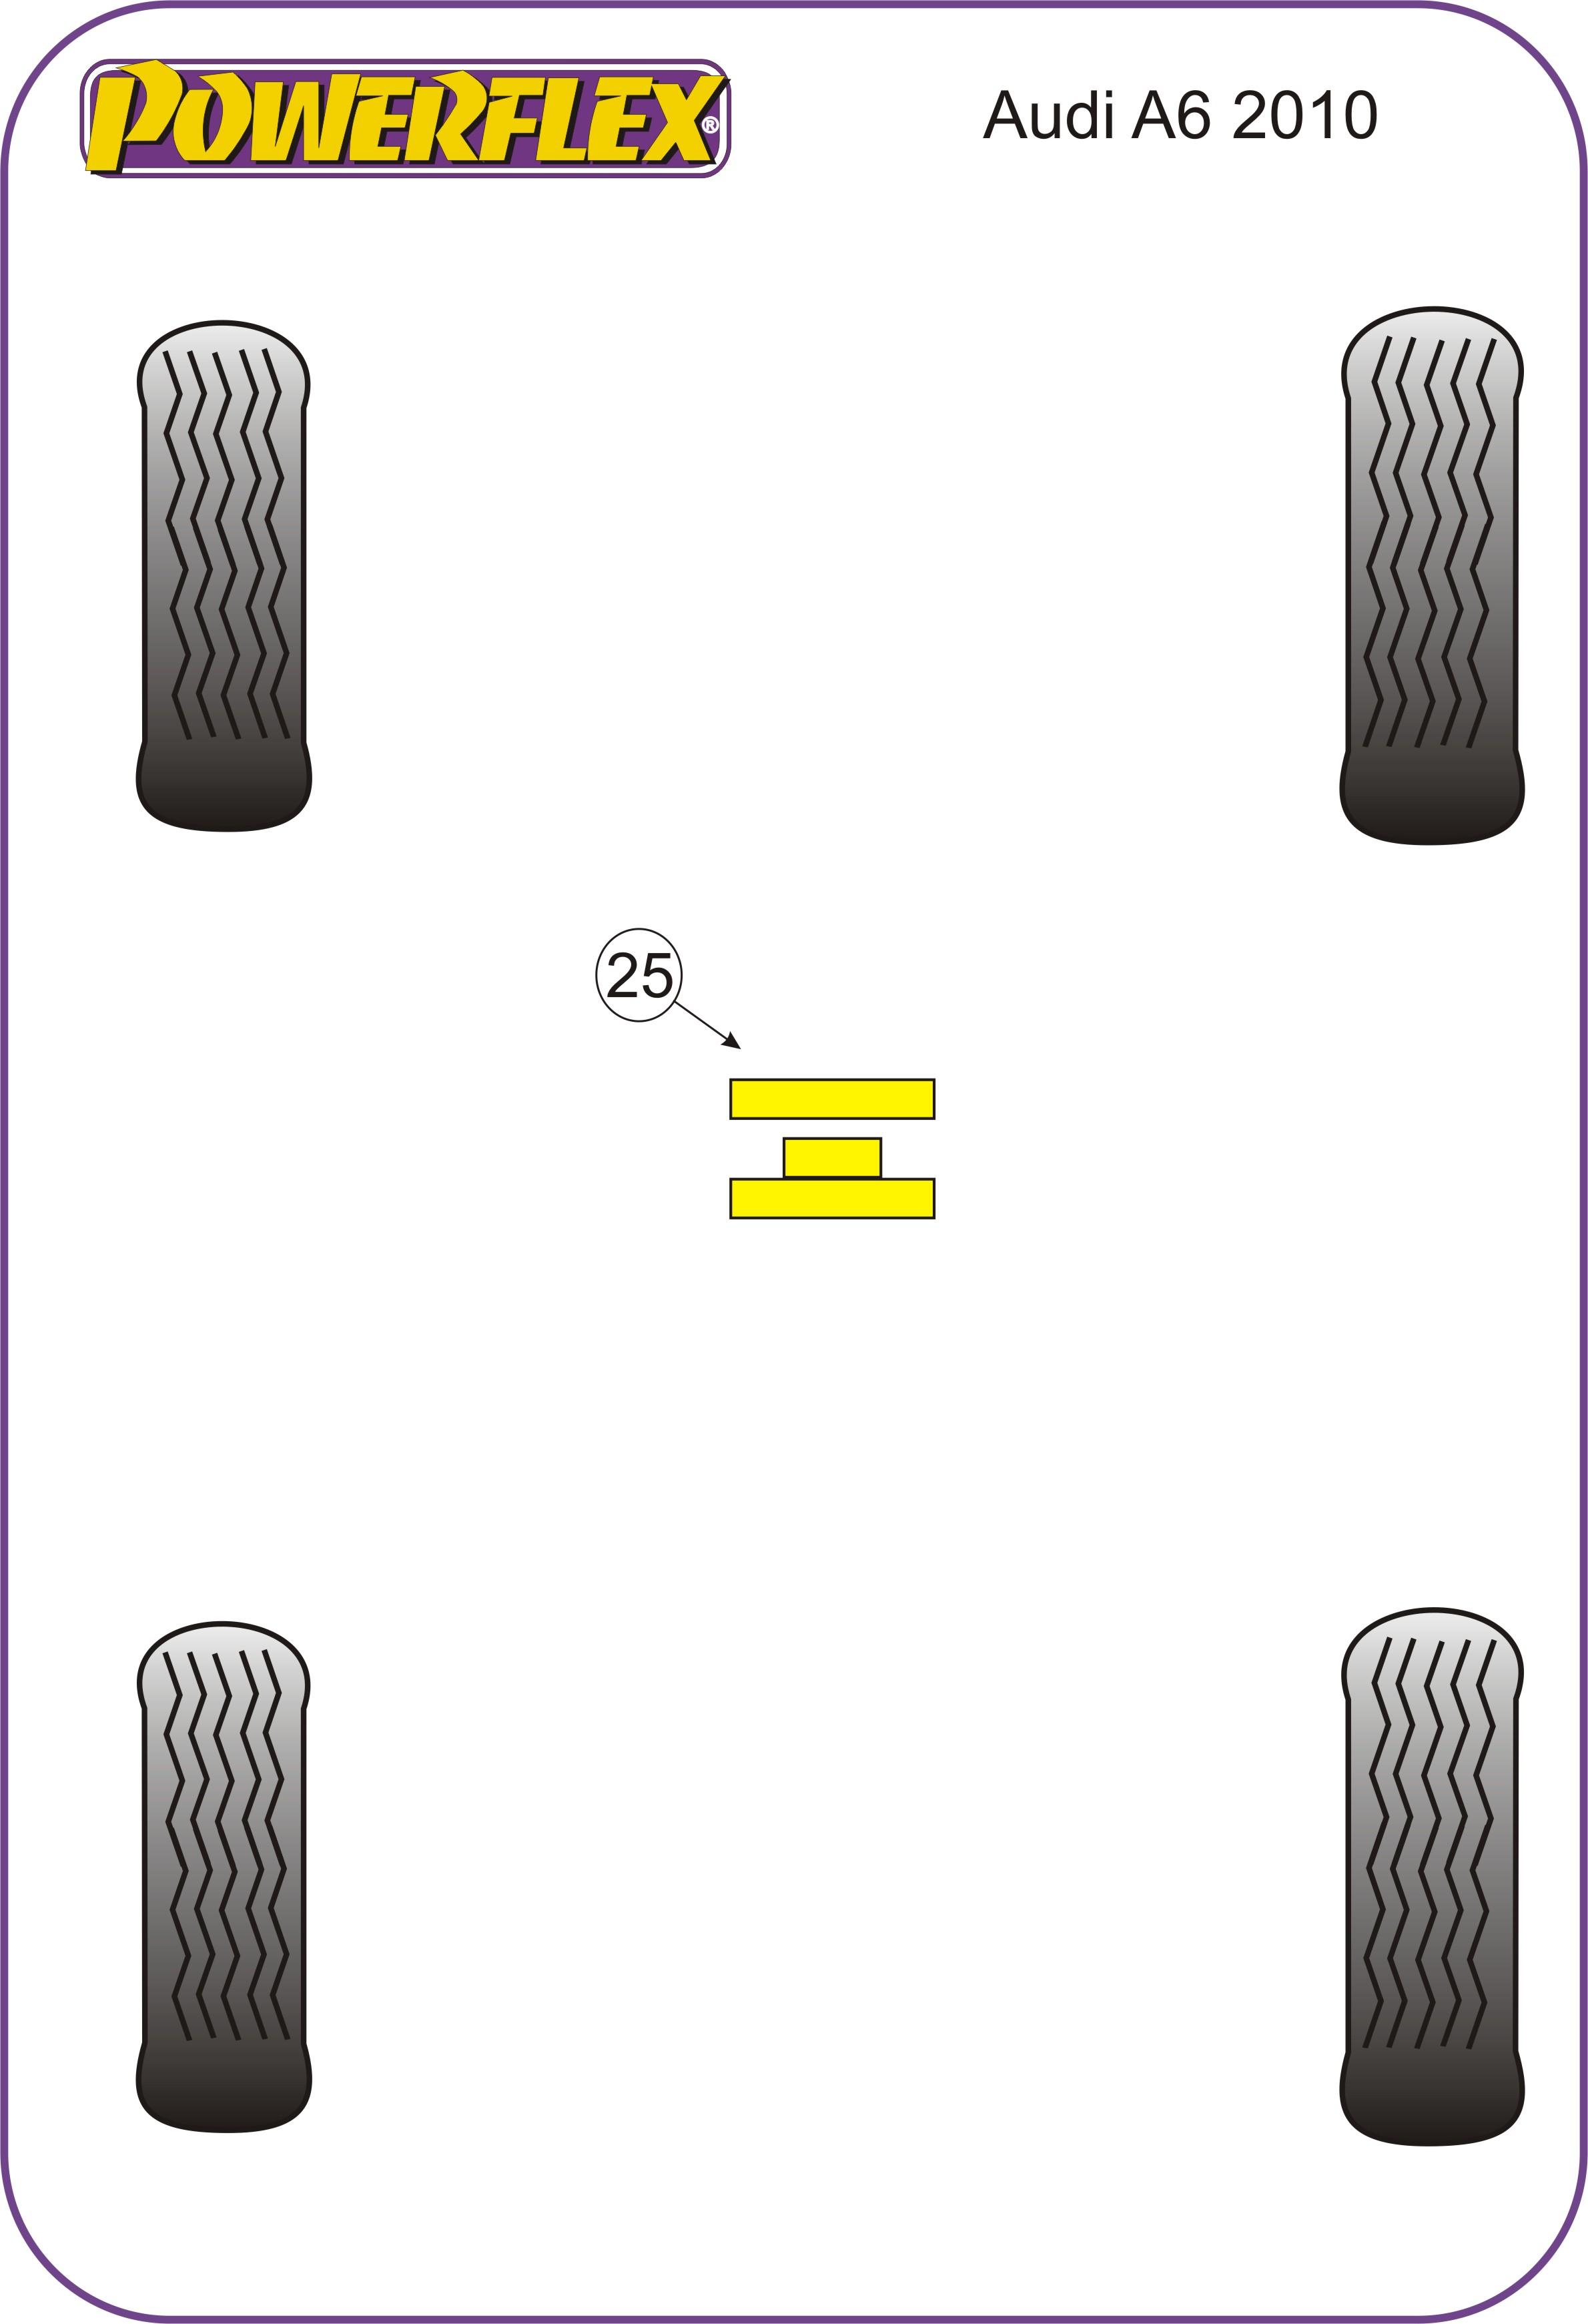 Powerflex Polyurethane Suspension Bushes Mercedes Benz 2010 Sprinter Engine Intake Diagram A6